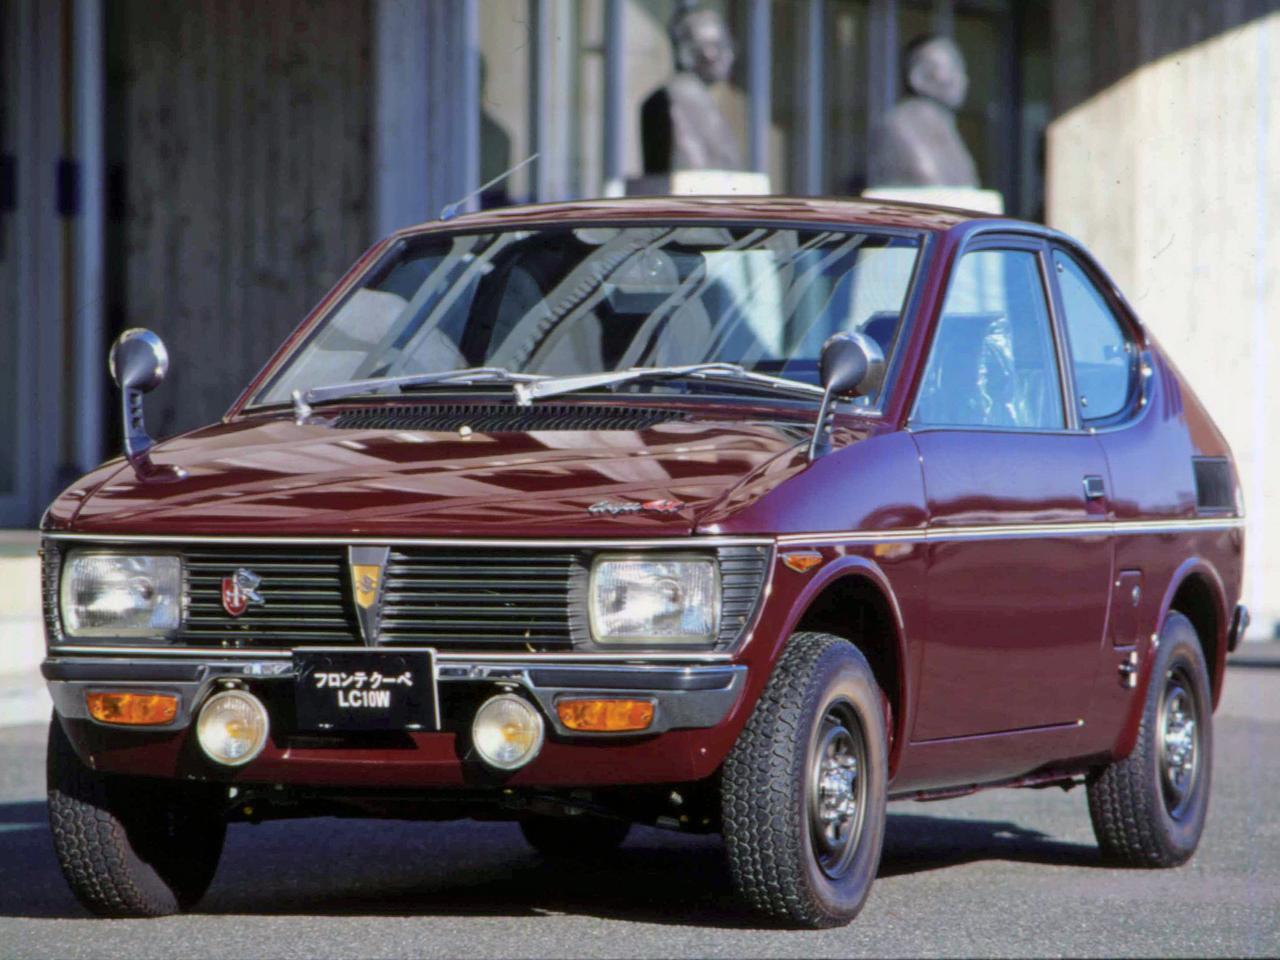 【昭和の名車 37】スズキ フロンテクーペ(昭和46年:1971年)